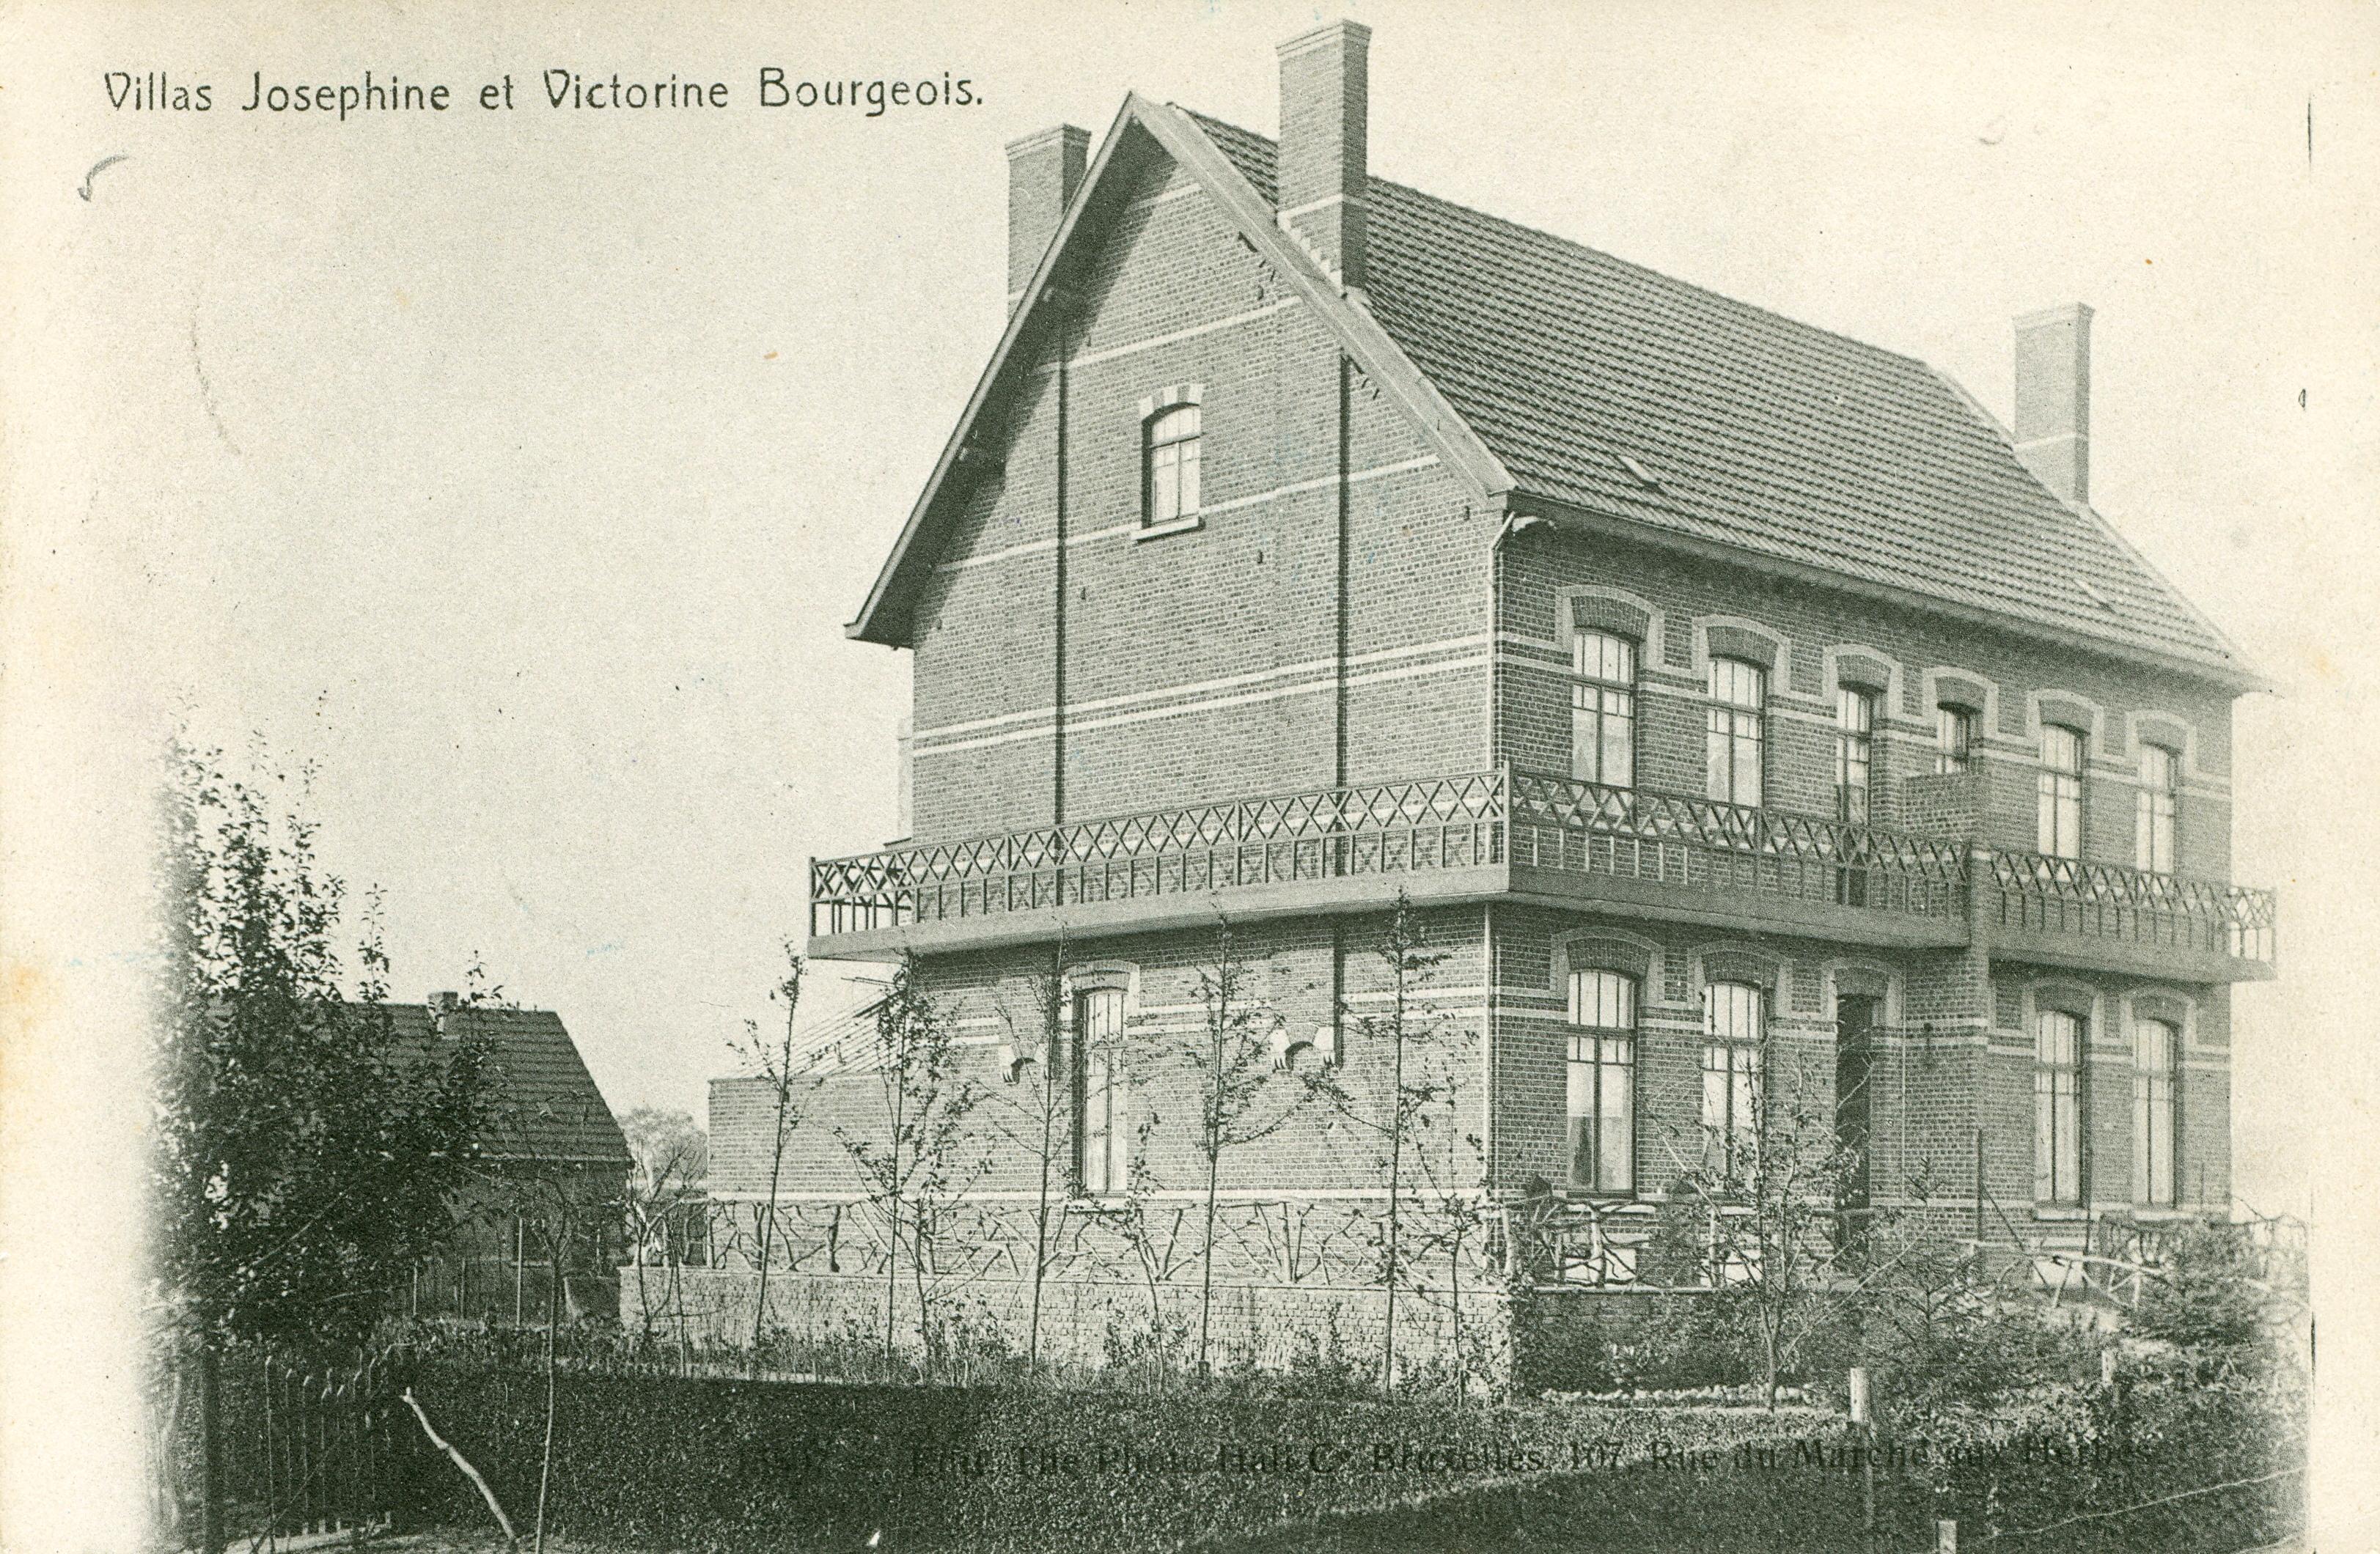 949. Villas Joséphine et Victorine Bourgeois